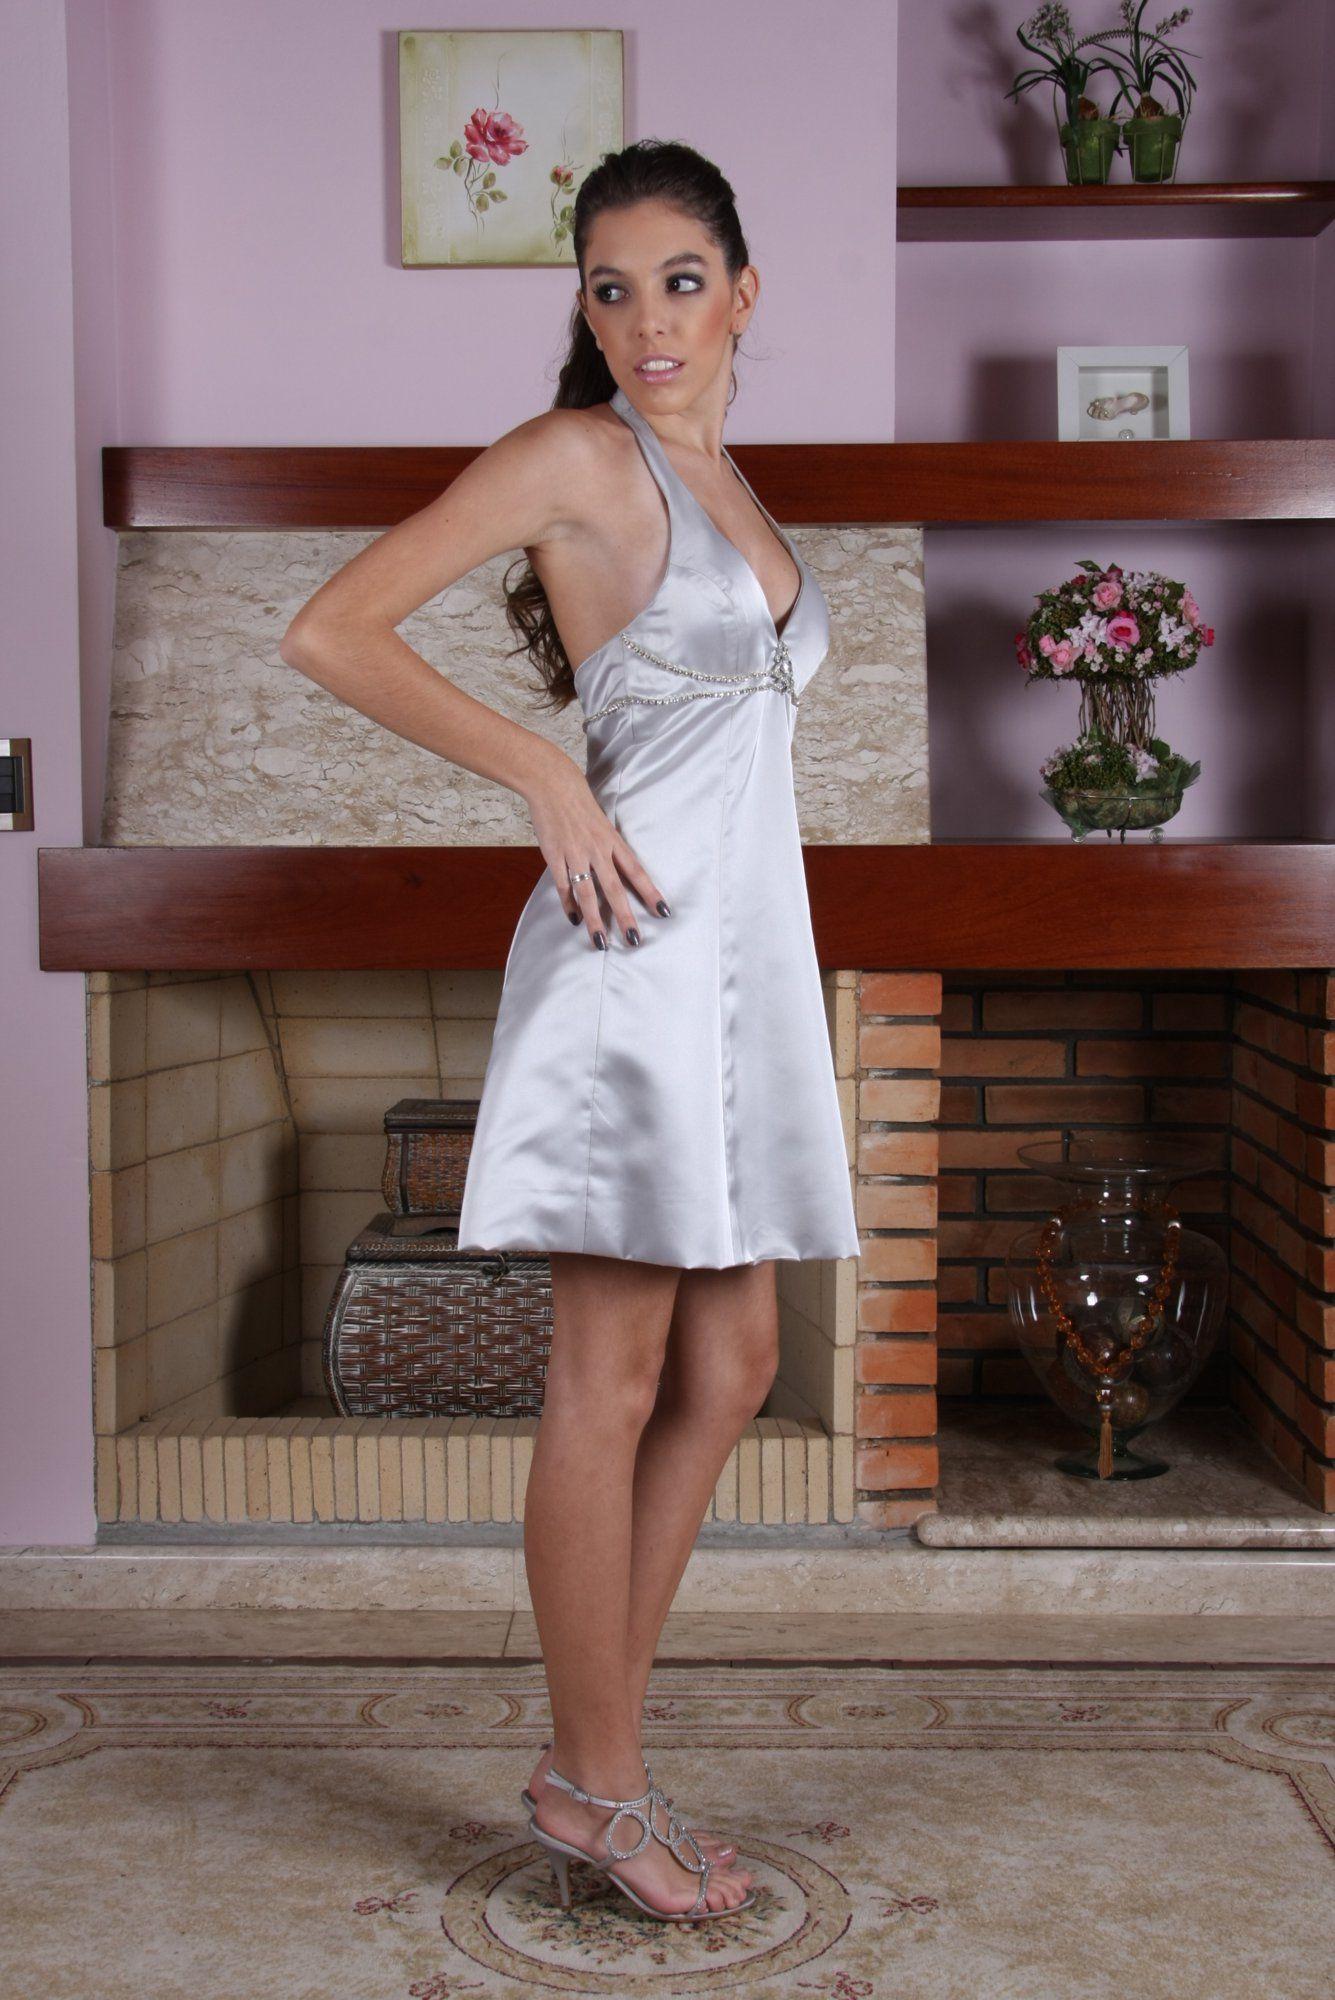 Vestido de Debutante Prata - 3 - Hipnose Alta Costura e Spa para Noivas e Noivos - Campinas - SP Vestido de Debutante, Vestido de Debutante Prata, Hipnose Alta Costura